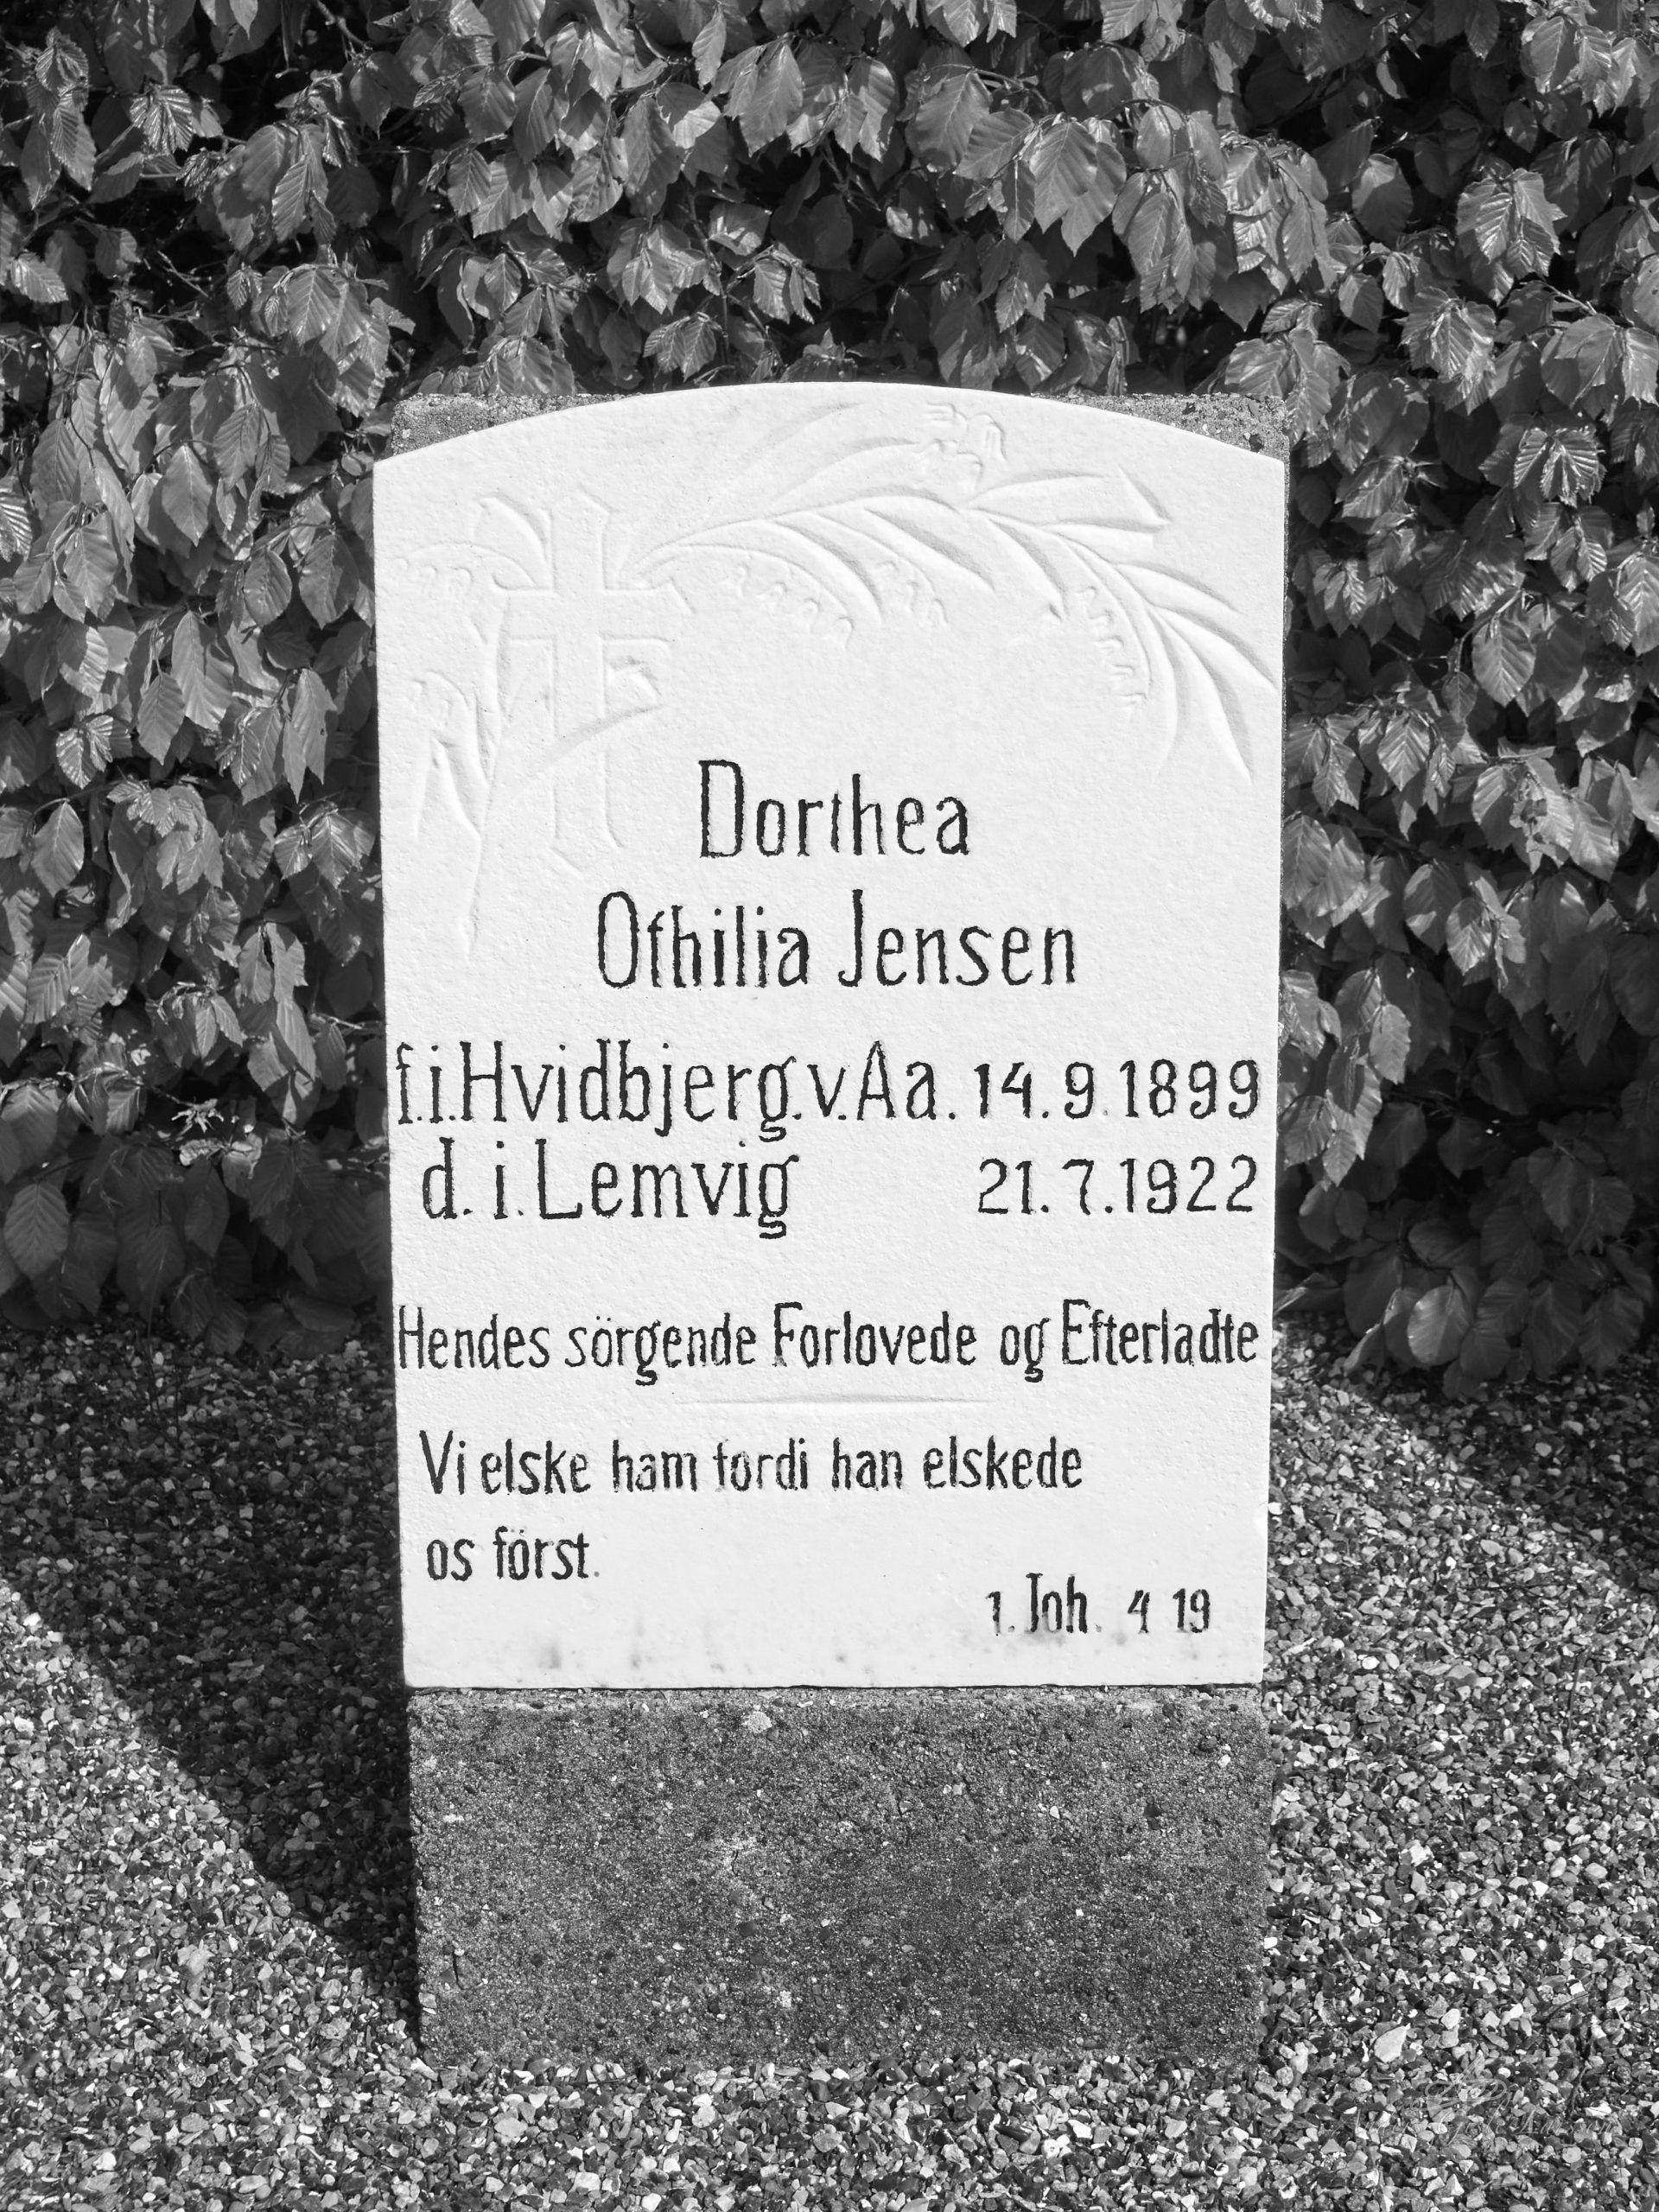 Dorthea Ottilie Jensen